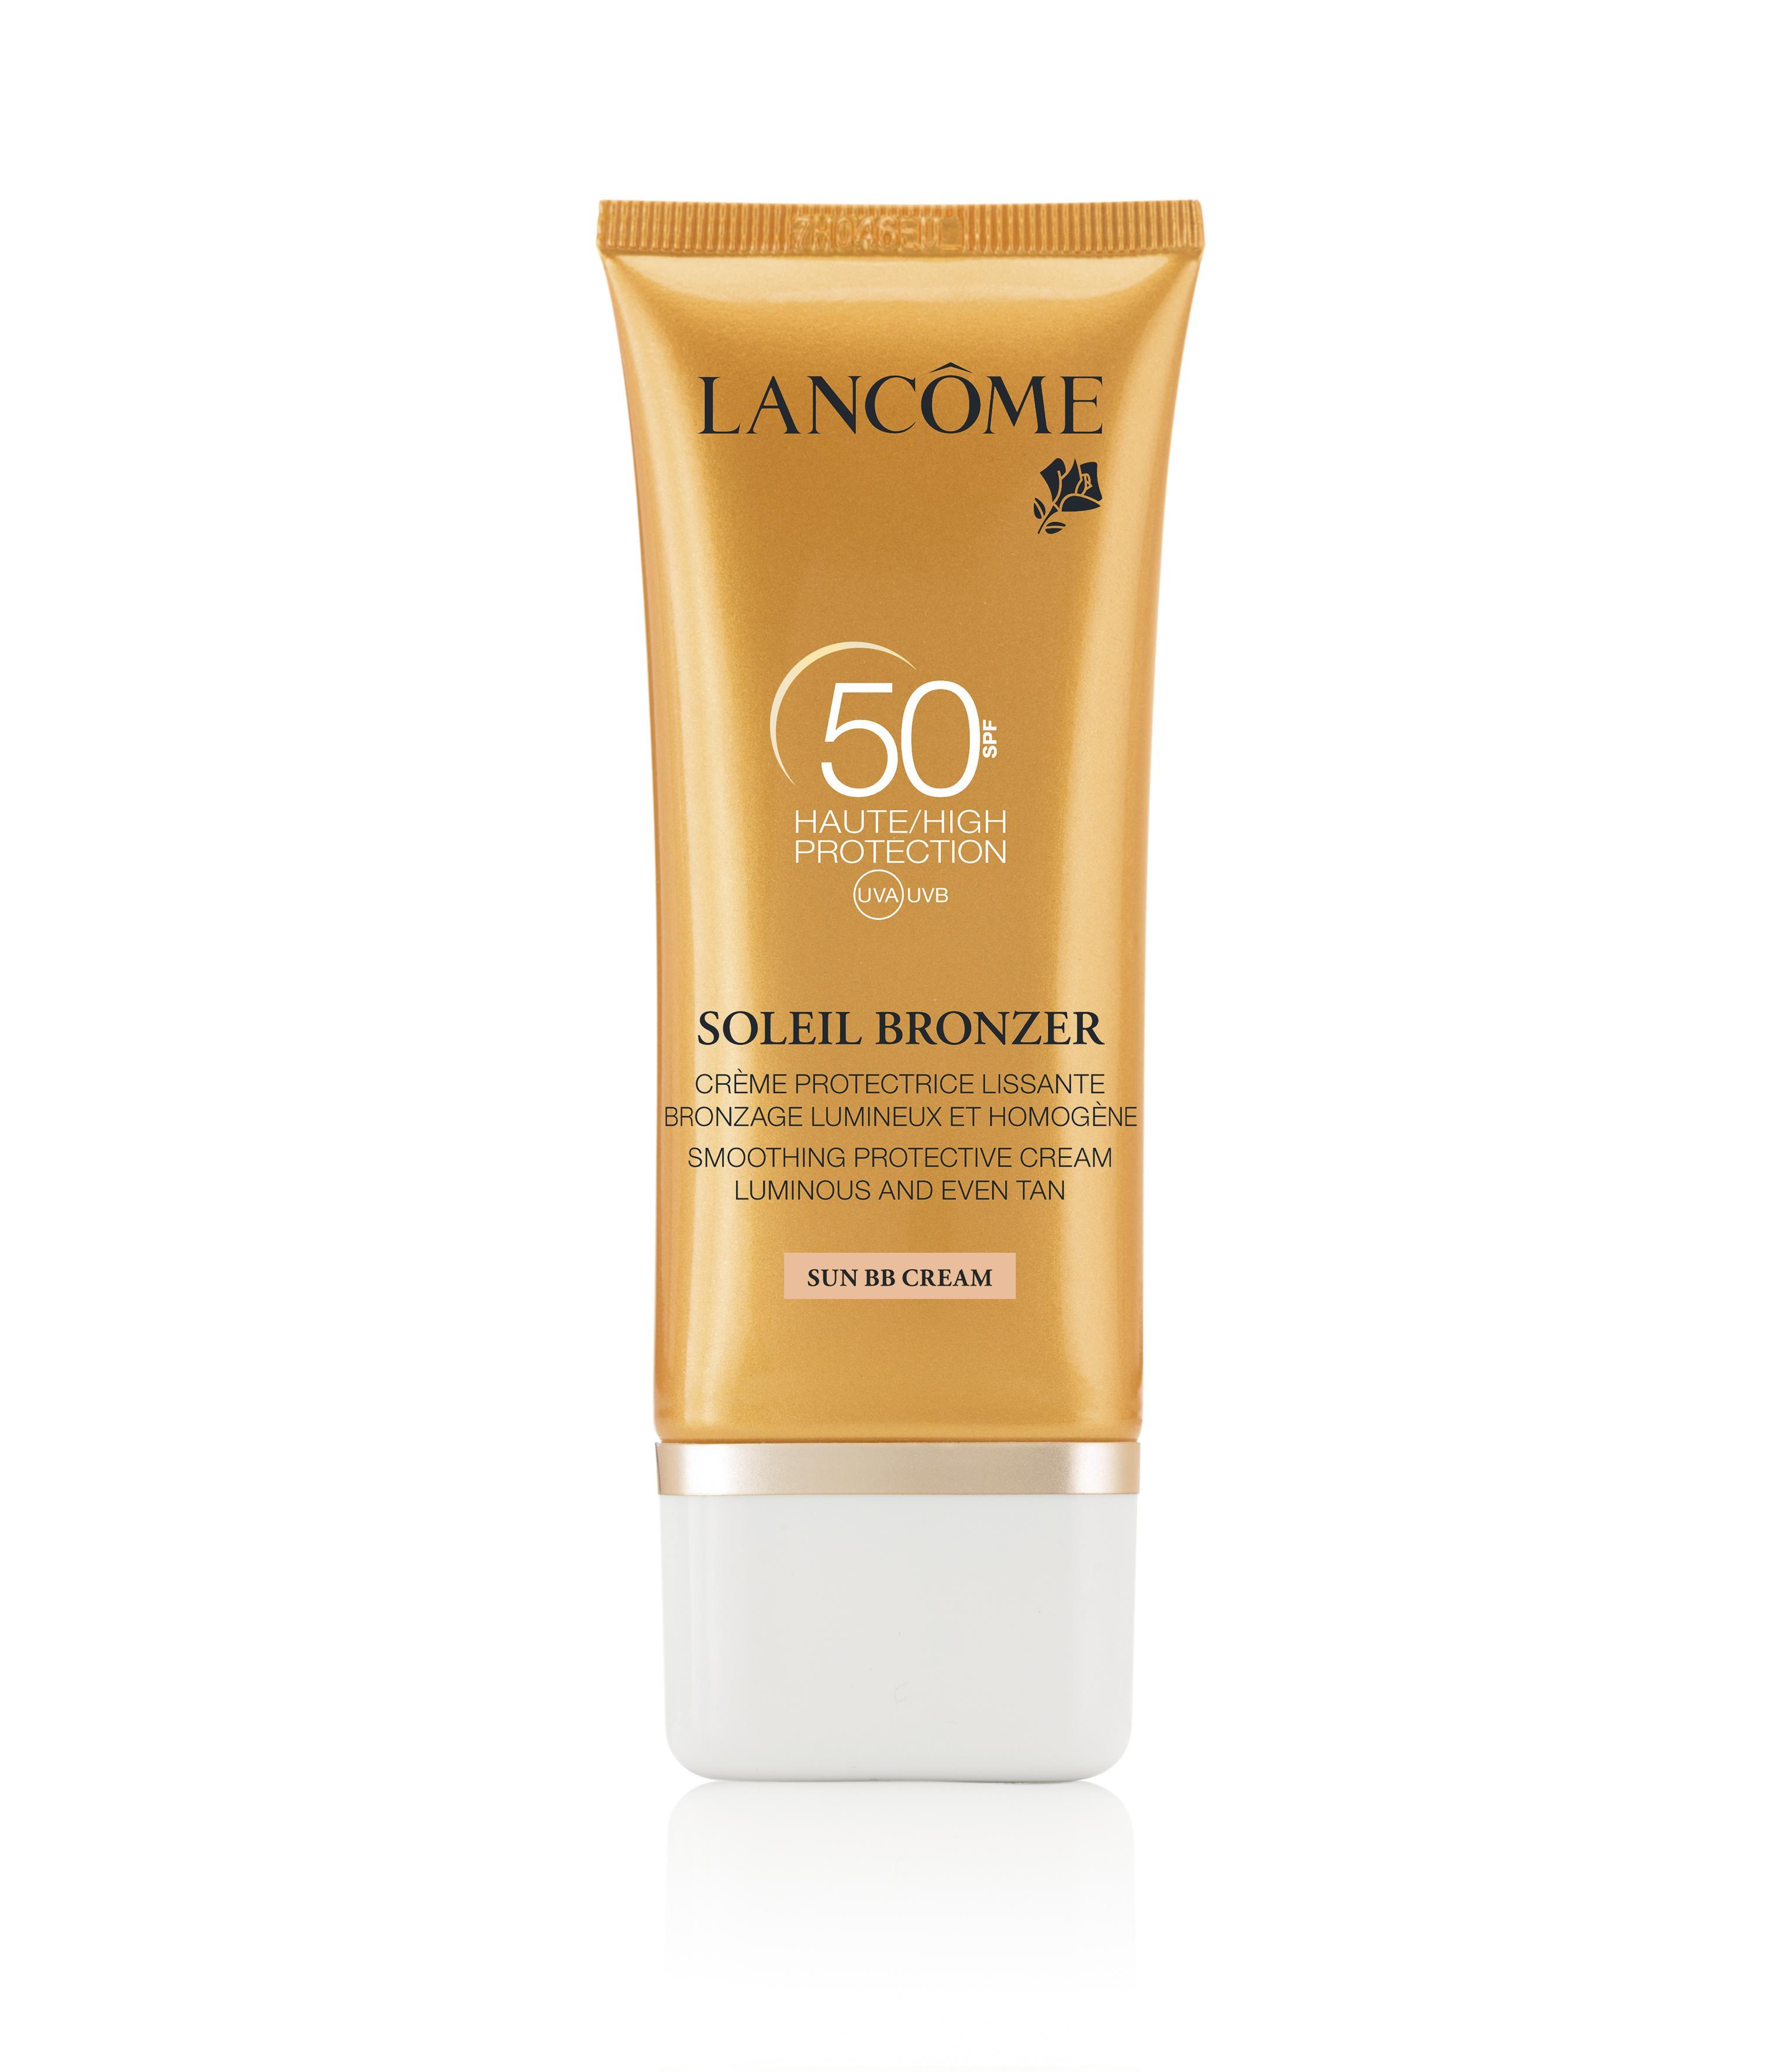 Crema protectora SPF50 con efecto BB Cream de Lancôme